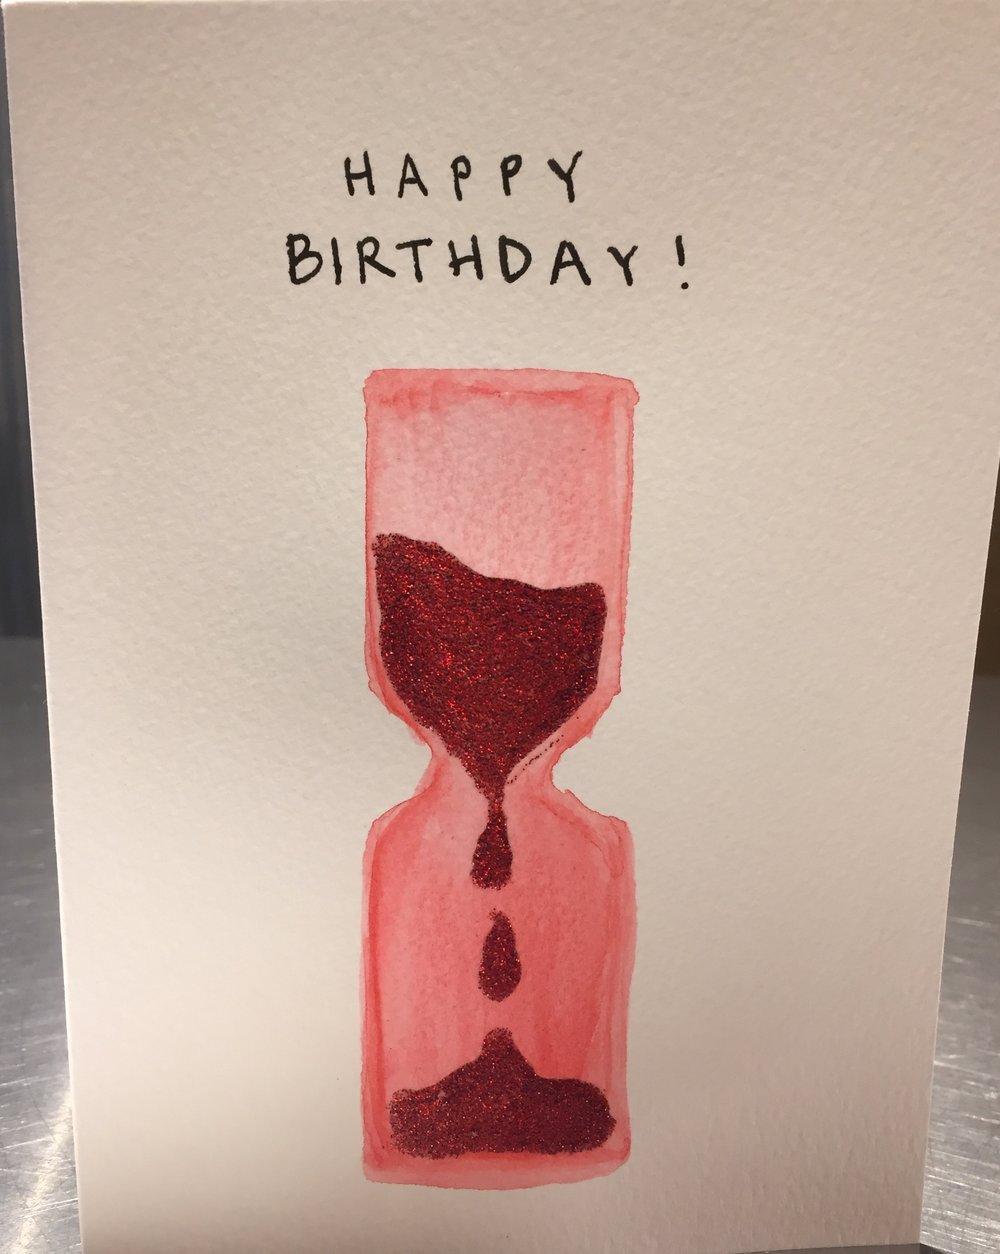 Happy Birthday Glitter Timer.JPG